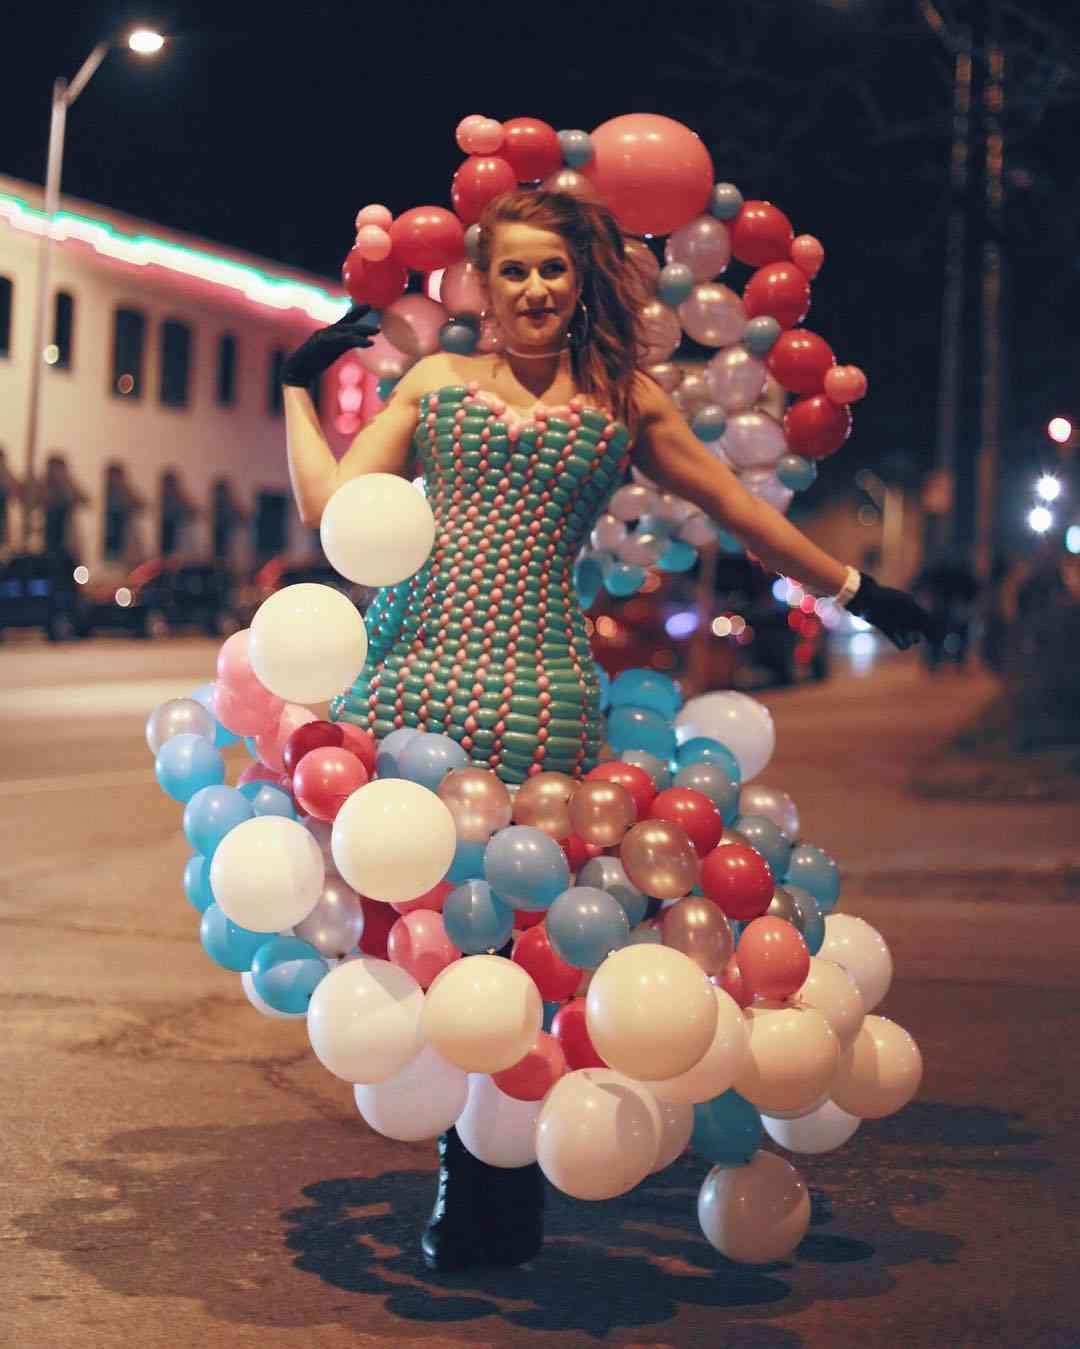 萎んだ風船の使い道も秀逸!風船のみで作る「バルーンドレス」が素敵すぎる!